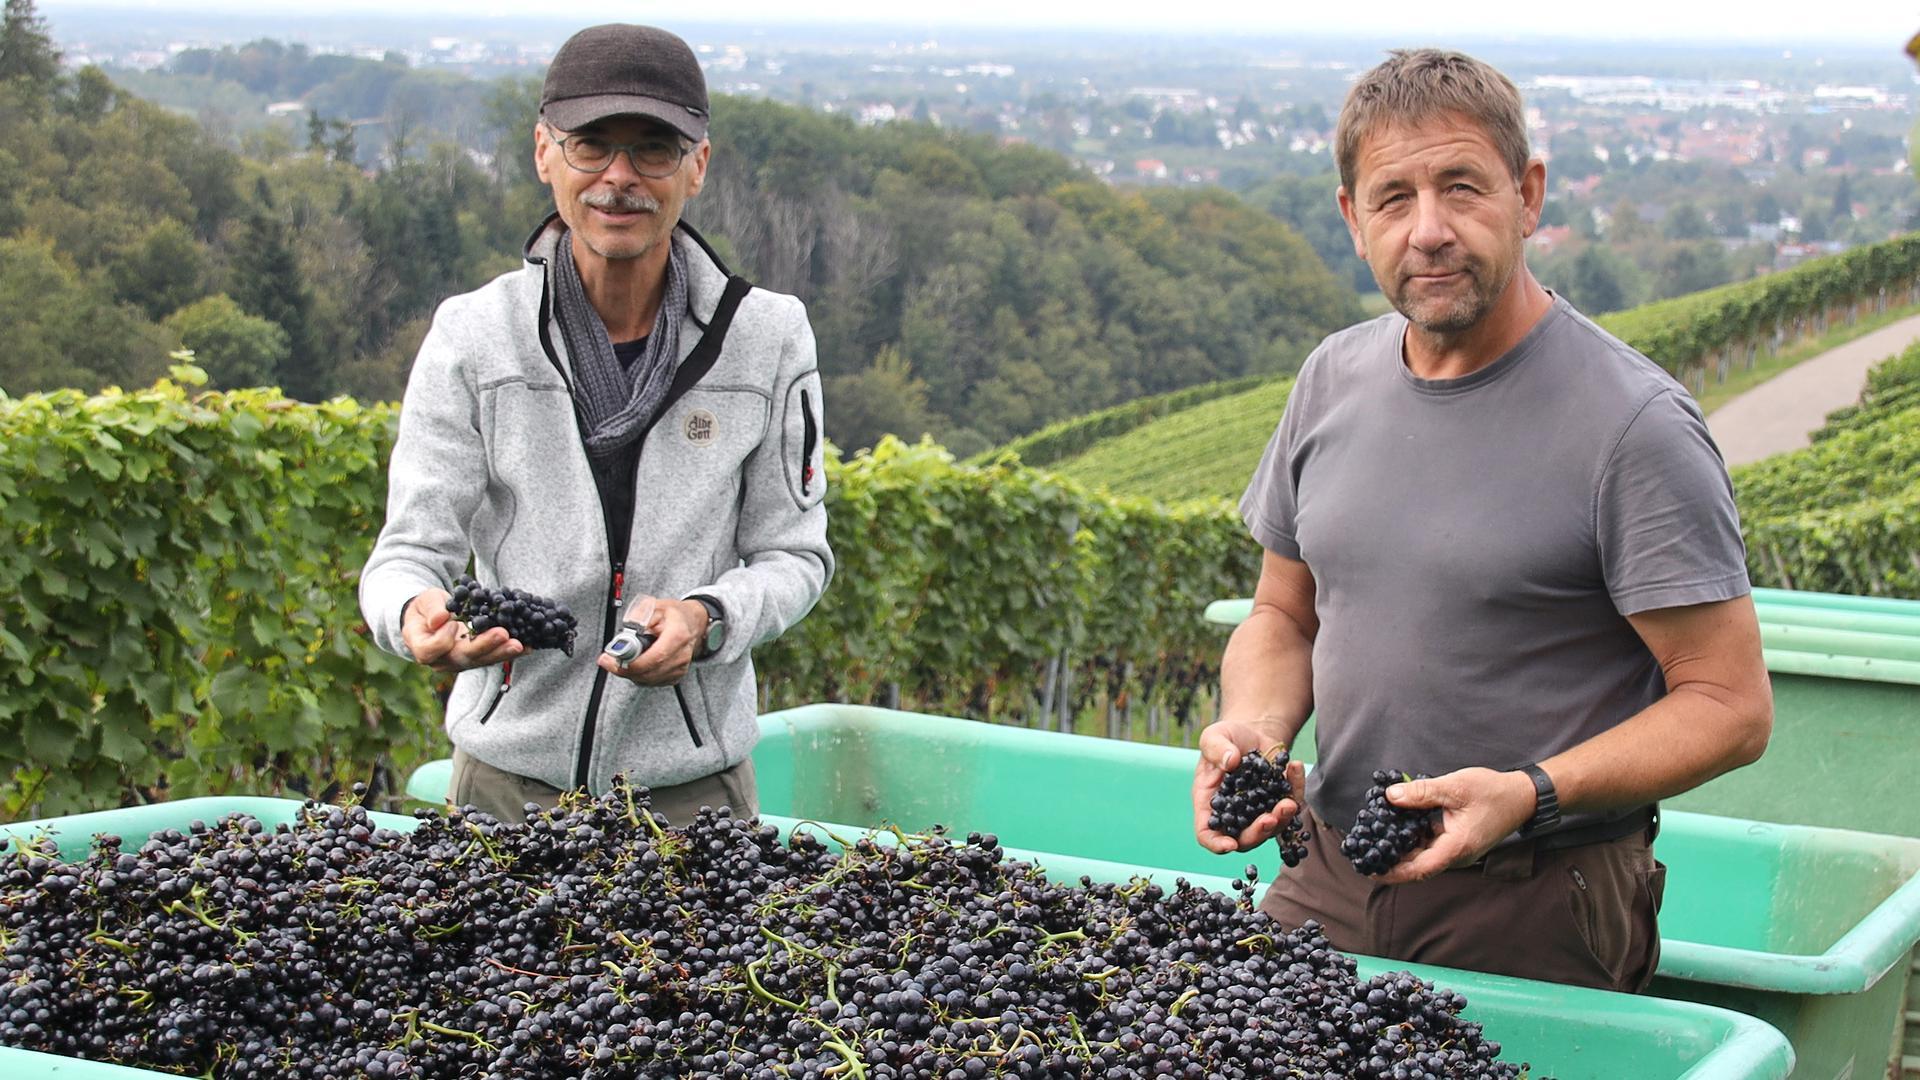 Beginn der Weinlese in Sasbachwalden, Kappelrodeck, Waldulm